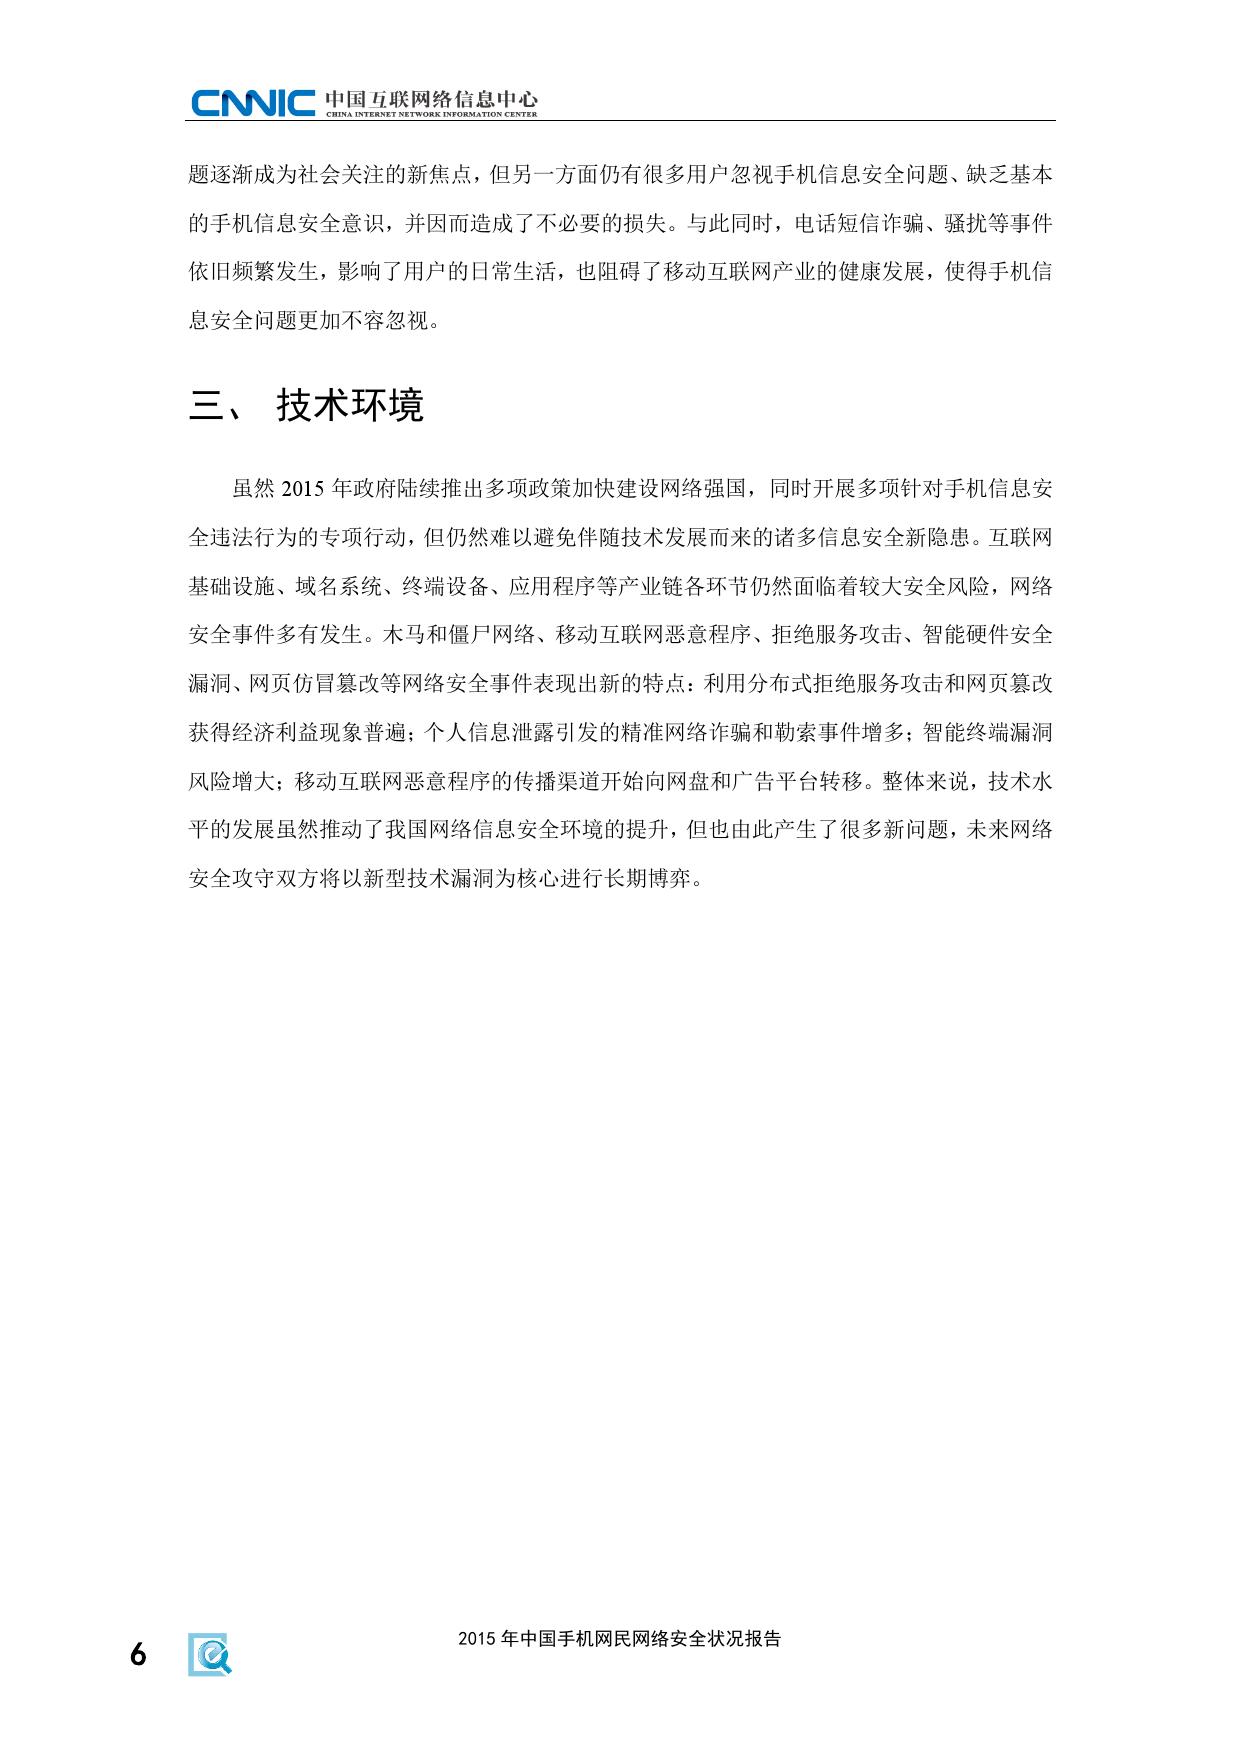 2015年中国手机网民网络安全状况报告_000012